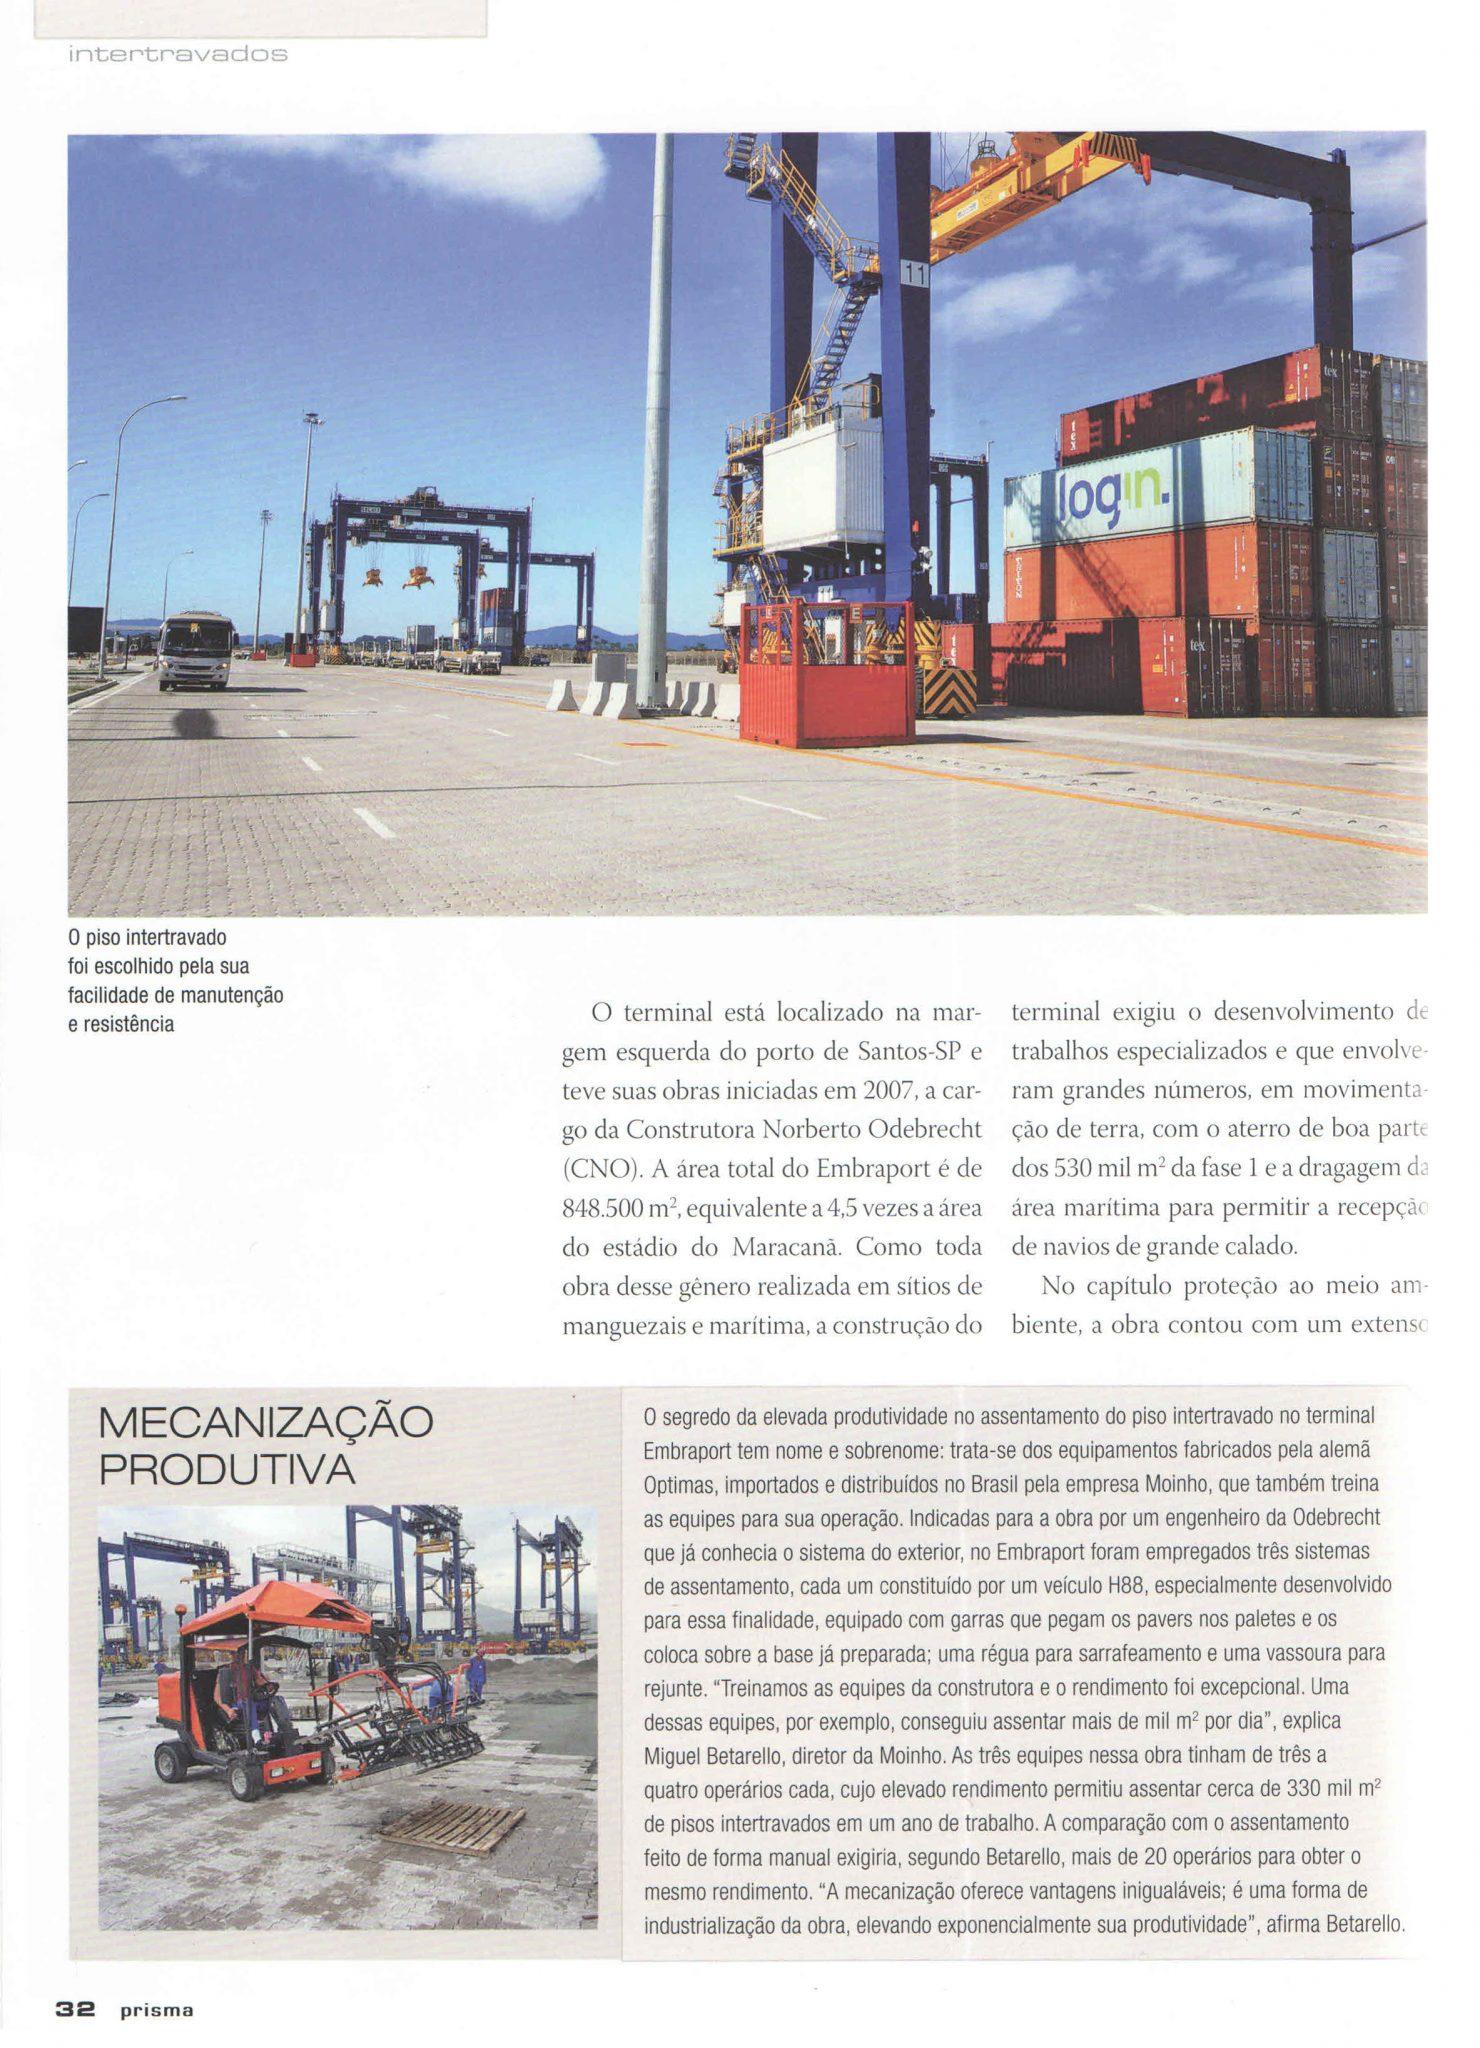 reportagem-prisma-folha-1-2013-embraport